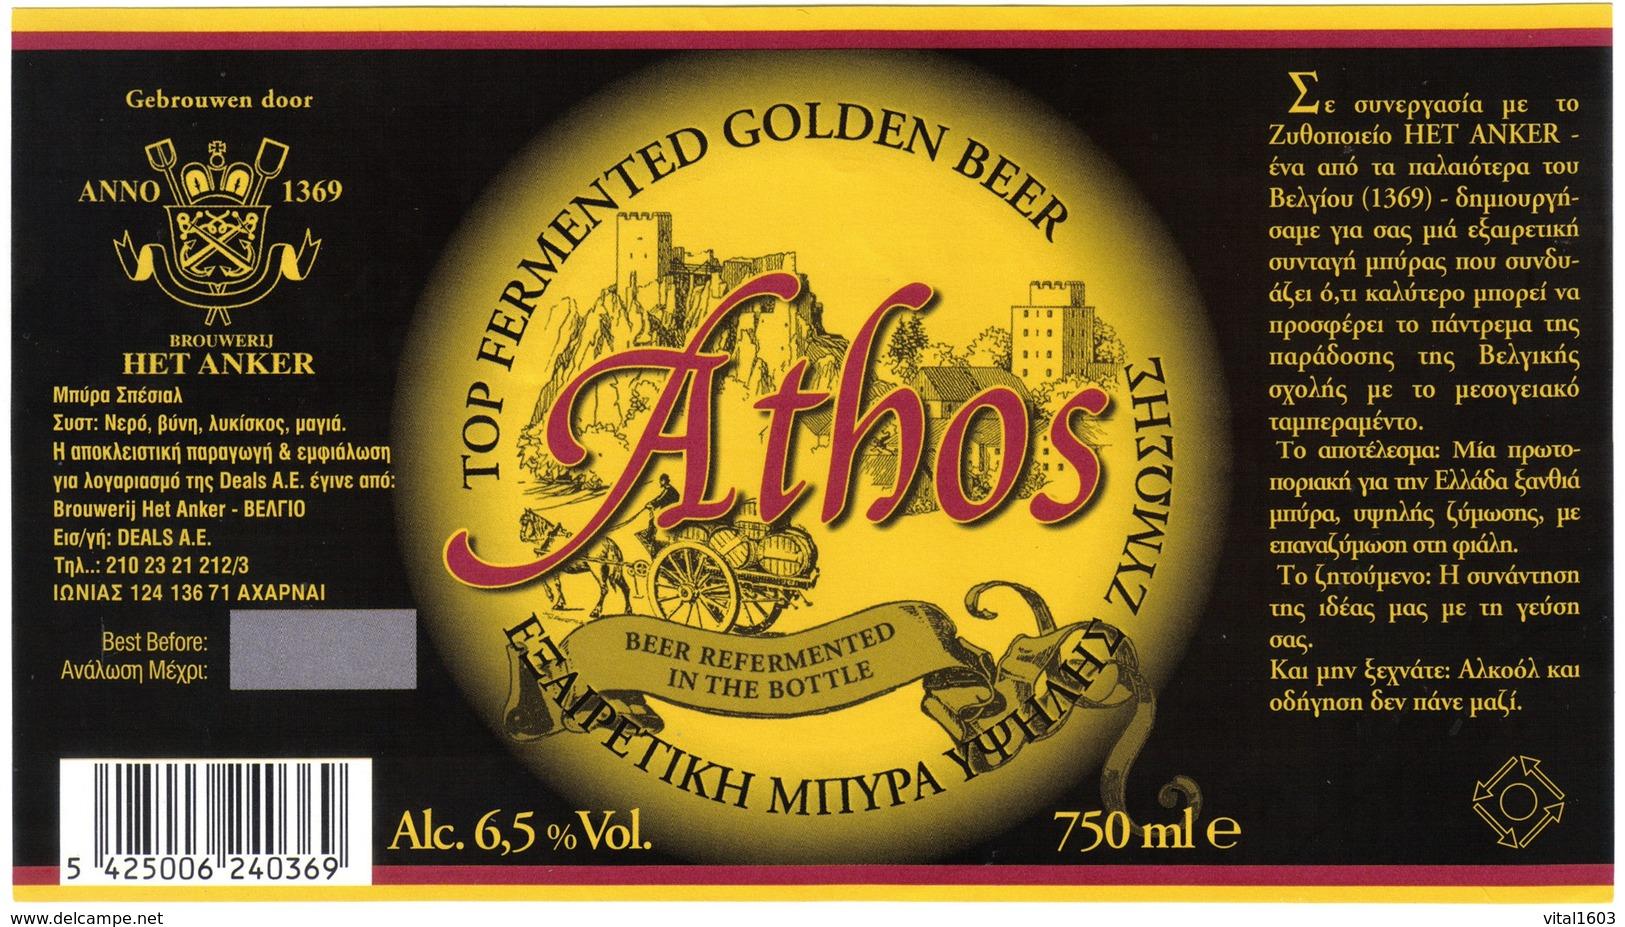 Bieretiket België 846 - Bière